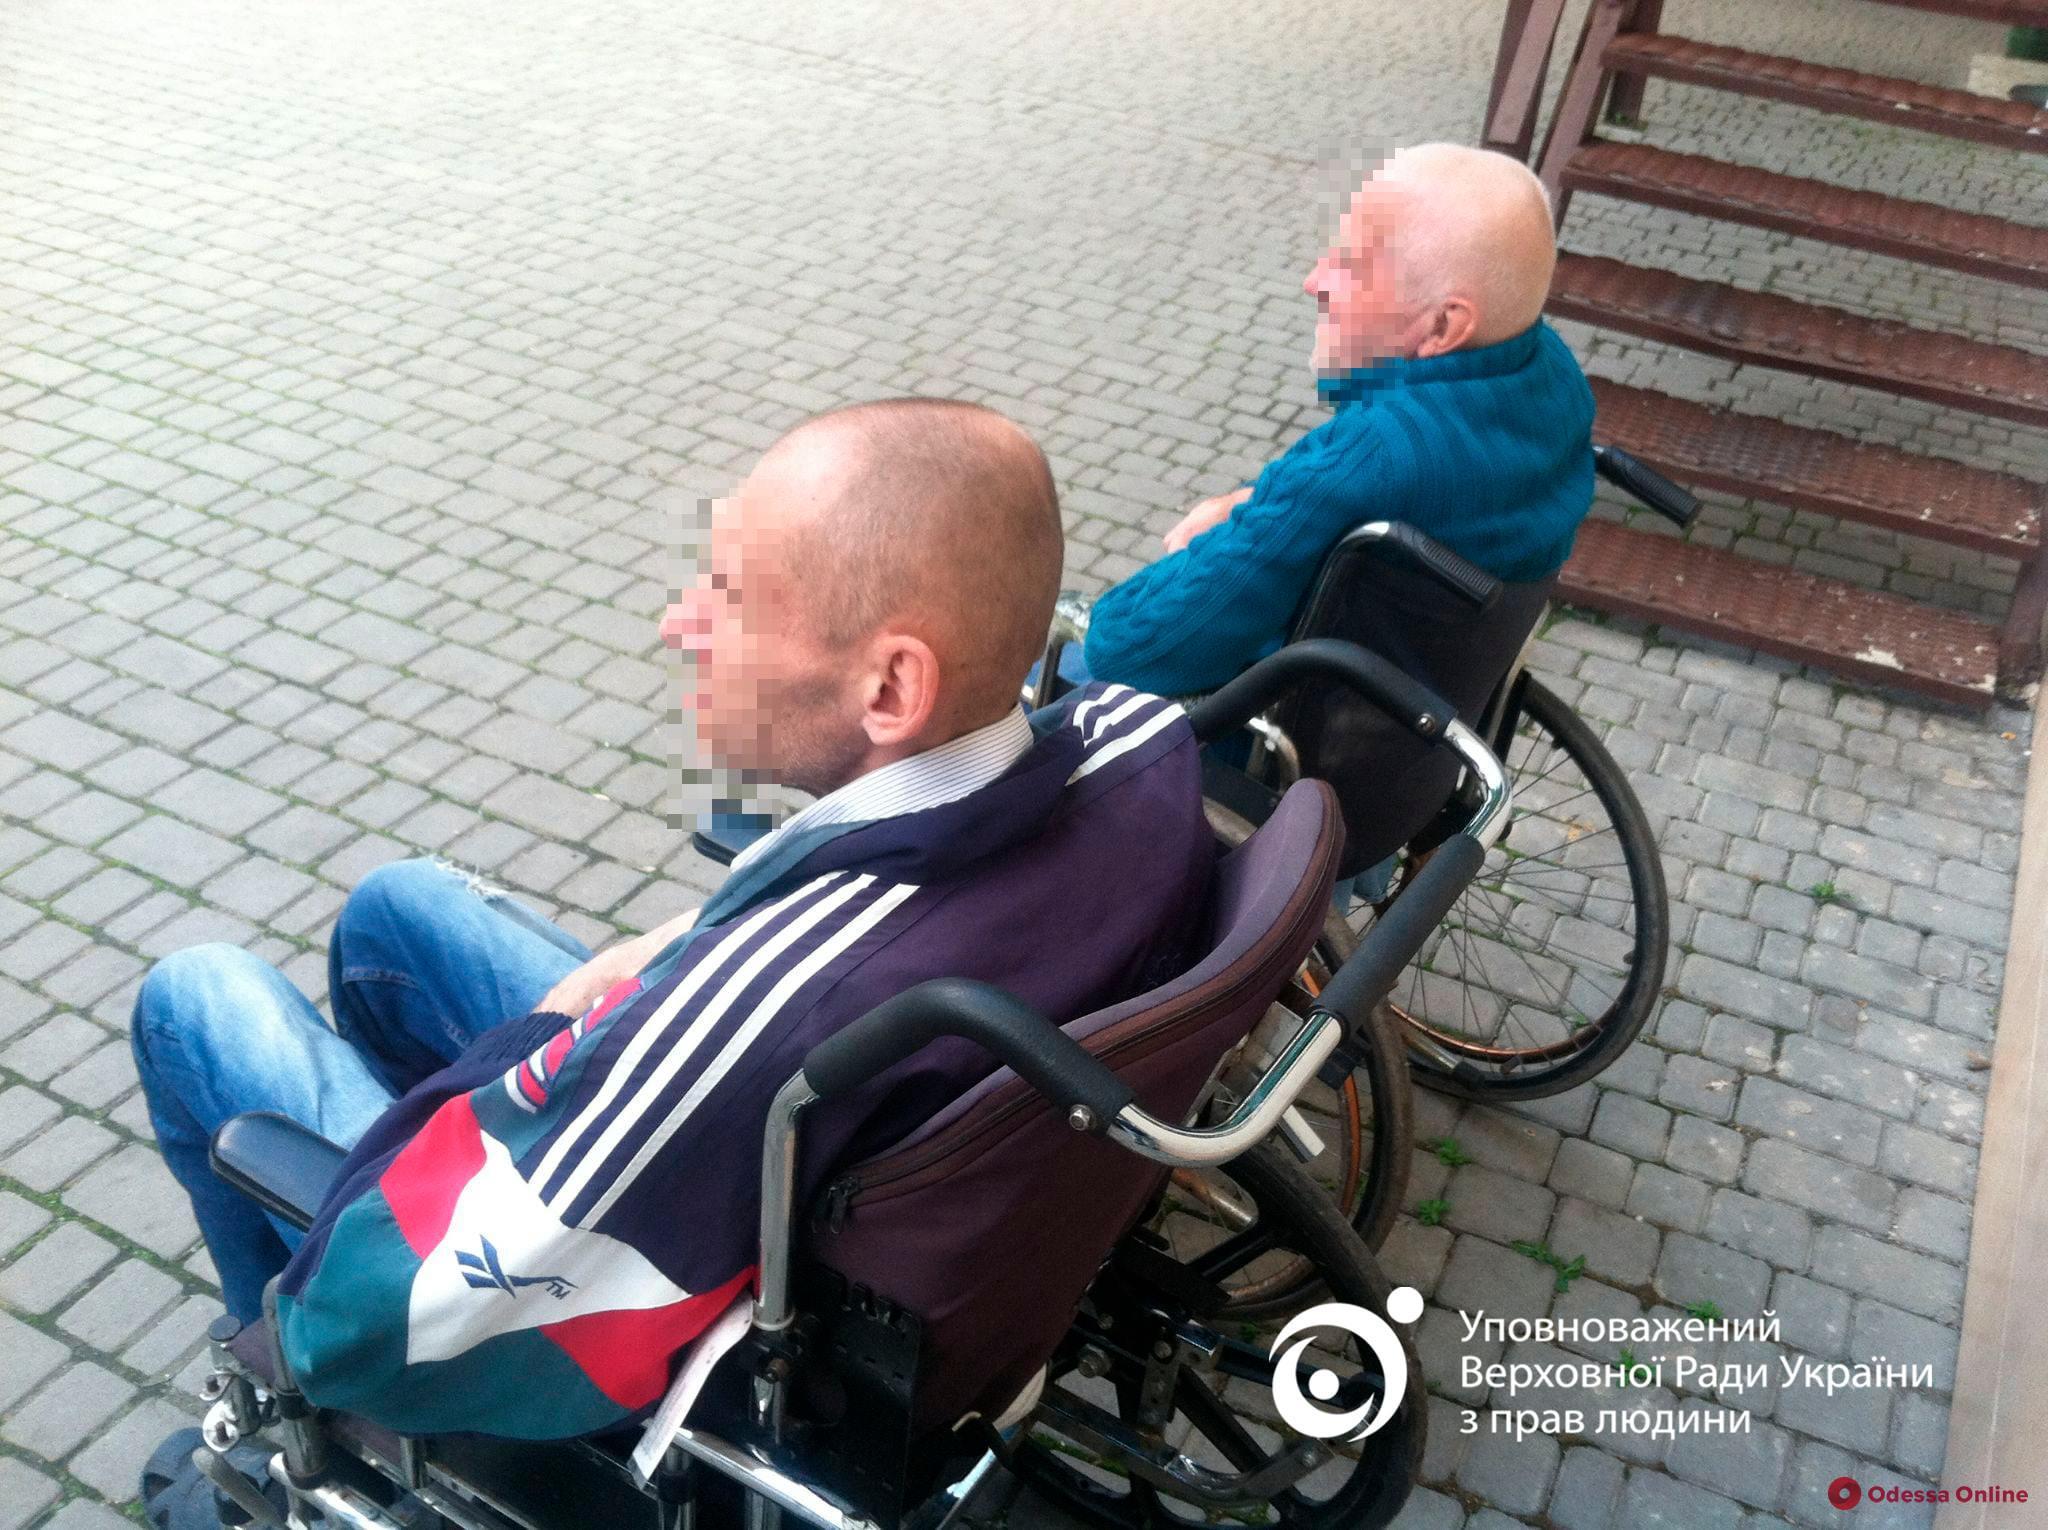 Из одесской психбольницы вывезли и оставили на кладбище трех пациентов с инвалидностью